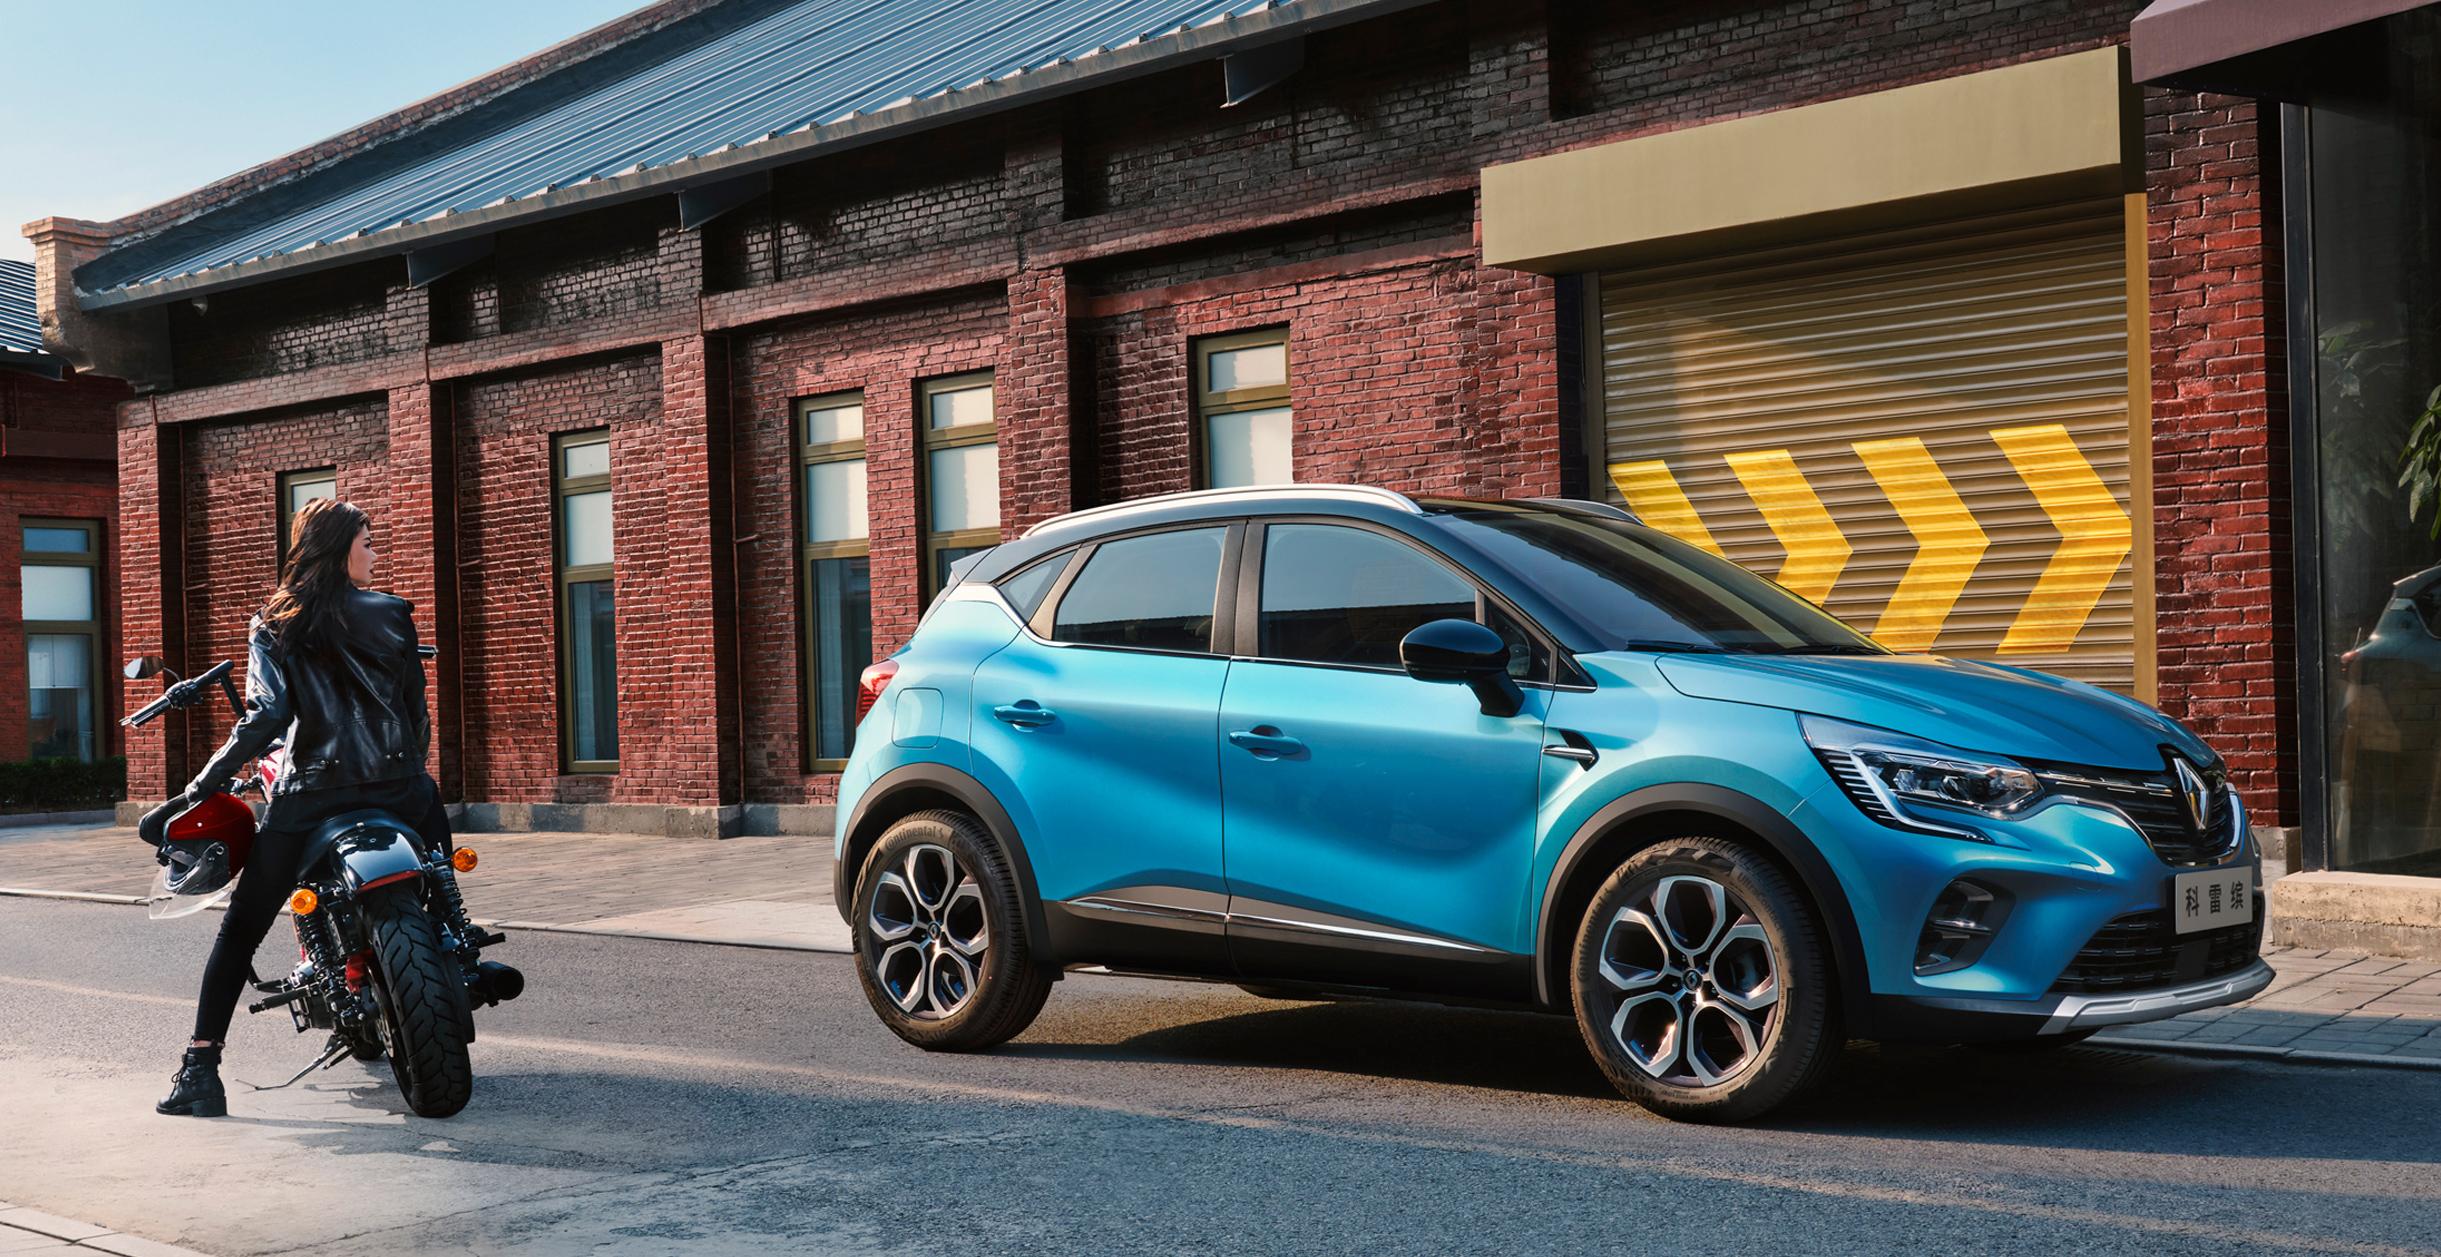 东风雷诺推出全新SUV科雷缤 全球同步首发